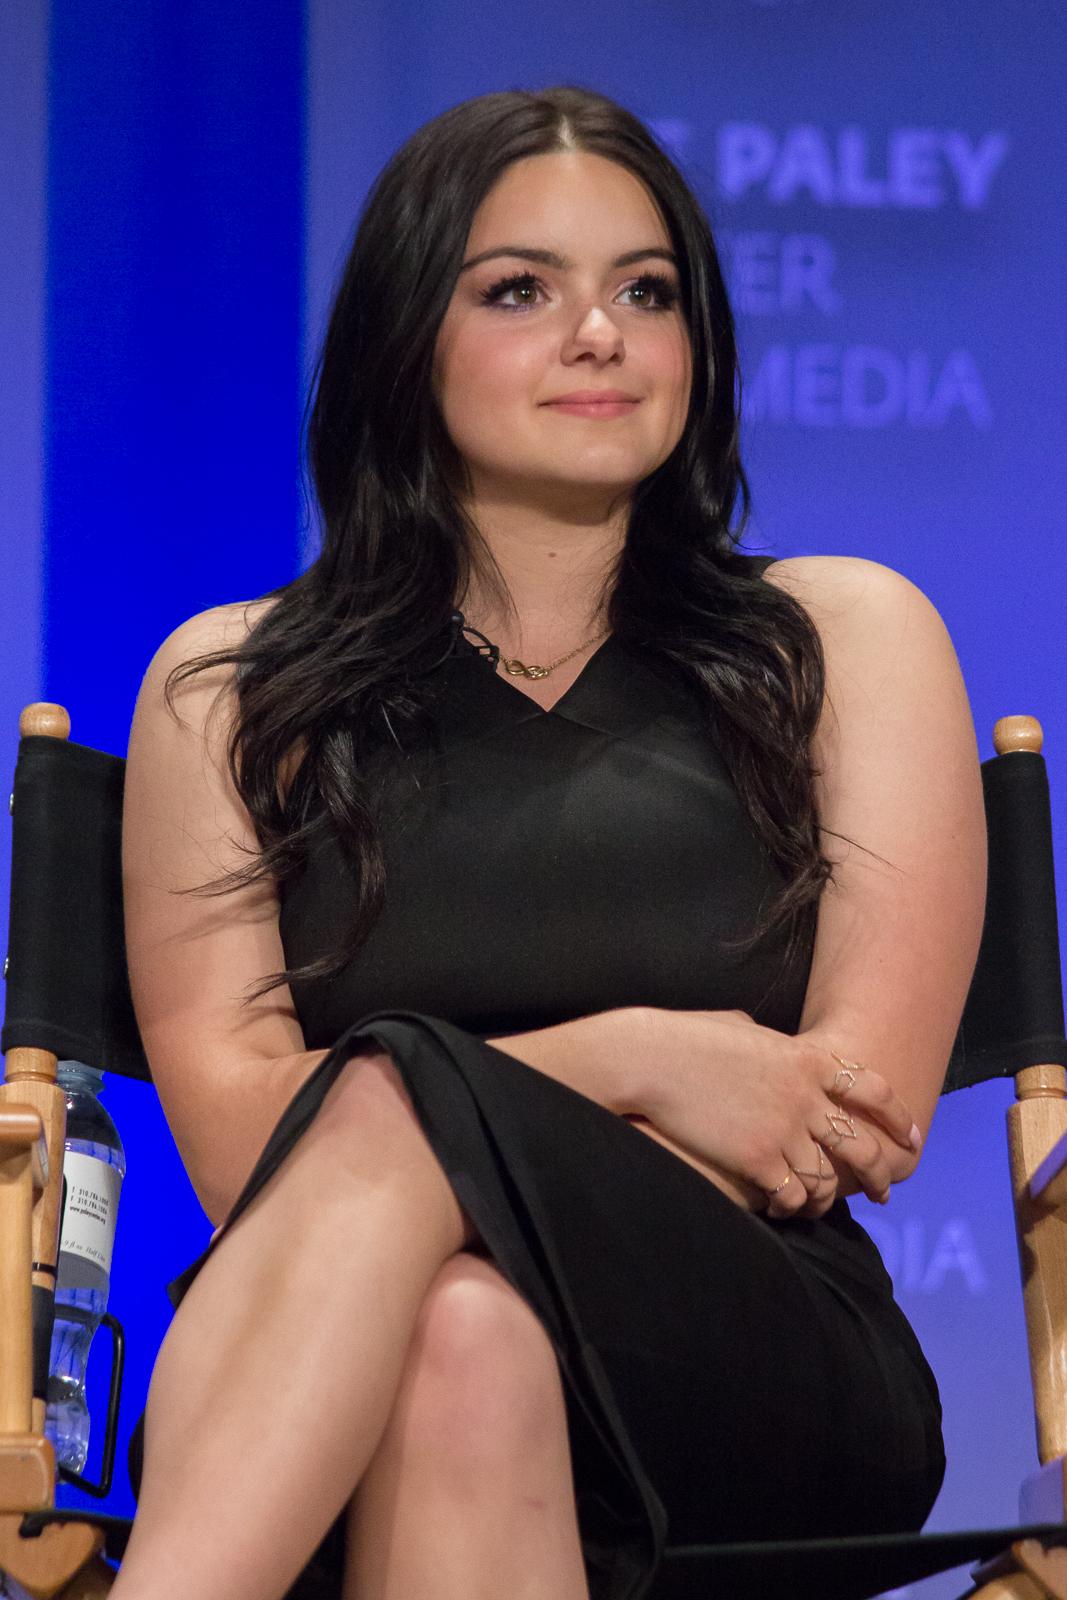 Hai mỹ nhân đình đám nhất làng giải trí Hollywood minh chứng phụ nữ càng béo càng đẹp, Selena Gomez nhan sắc ngày càng thăng hạng - Ảnh 12